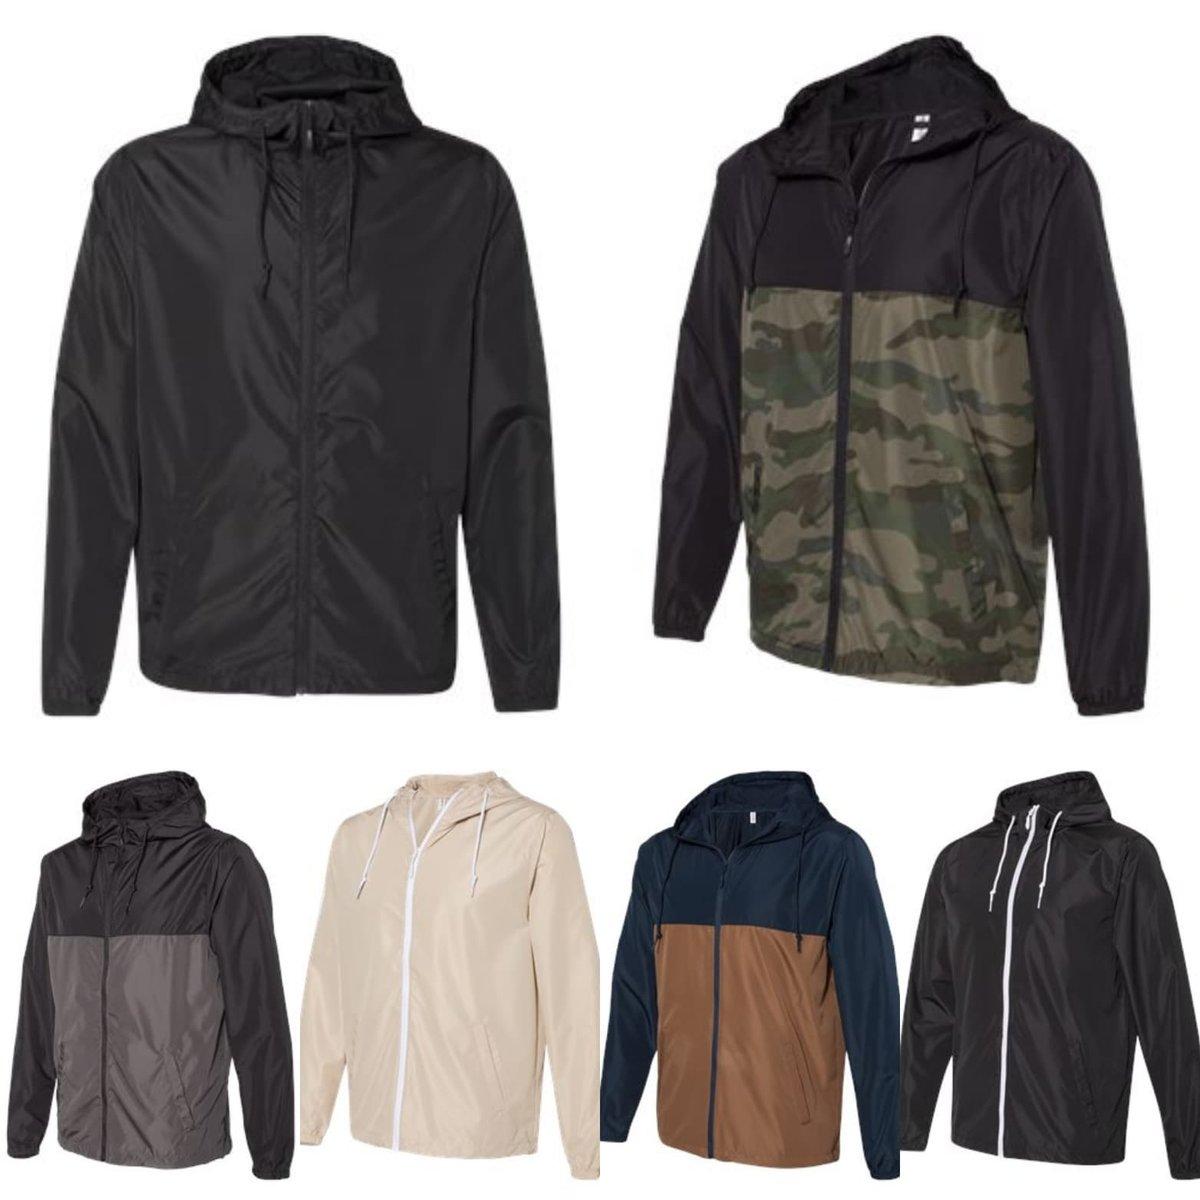 Image of Rain Jacket